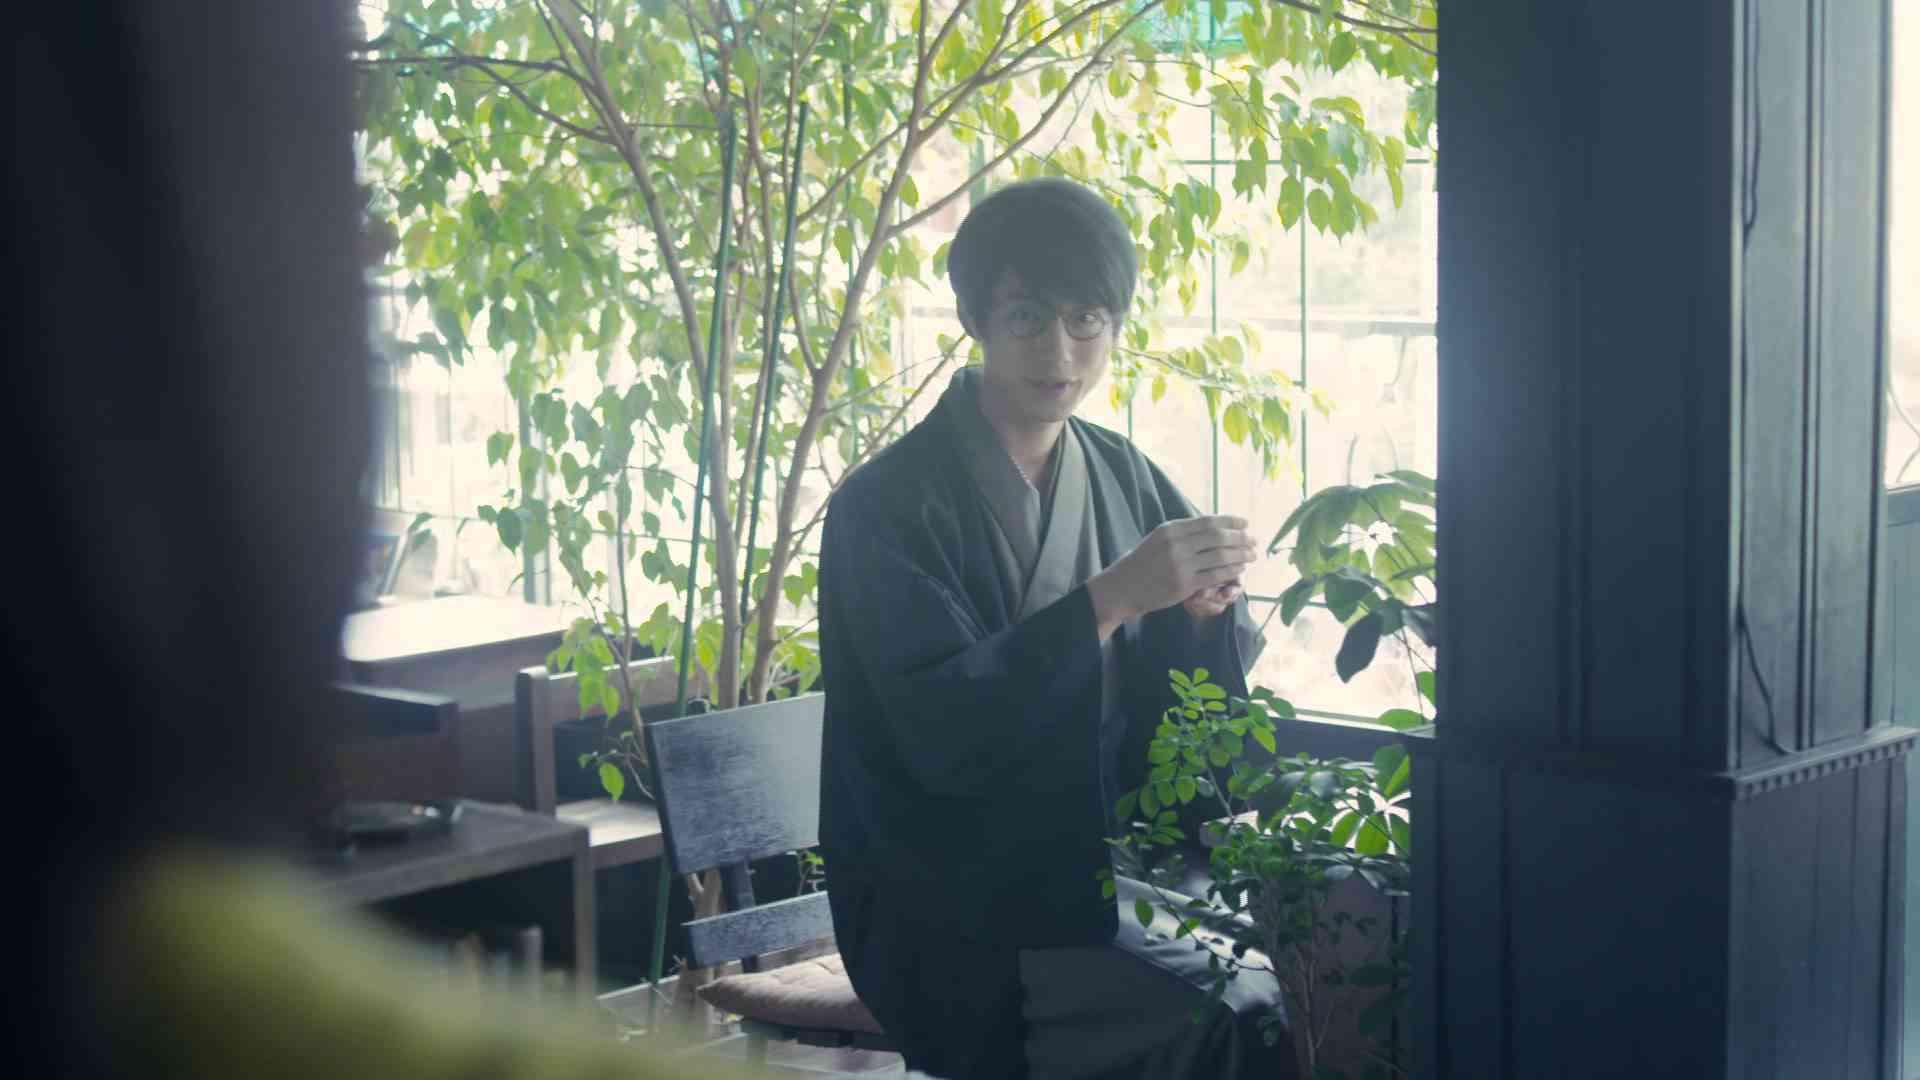 集英社オレンジ文庫 不思議な本屋編(60秒)8月刊 - YouTube